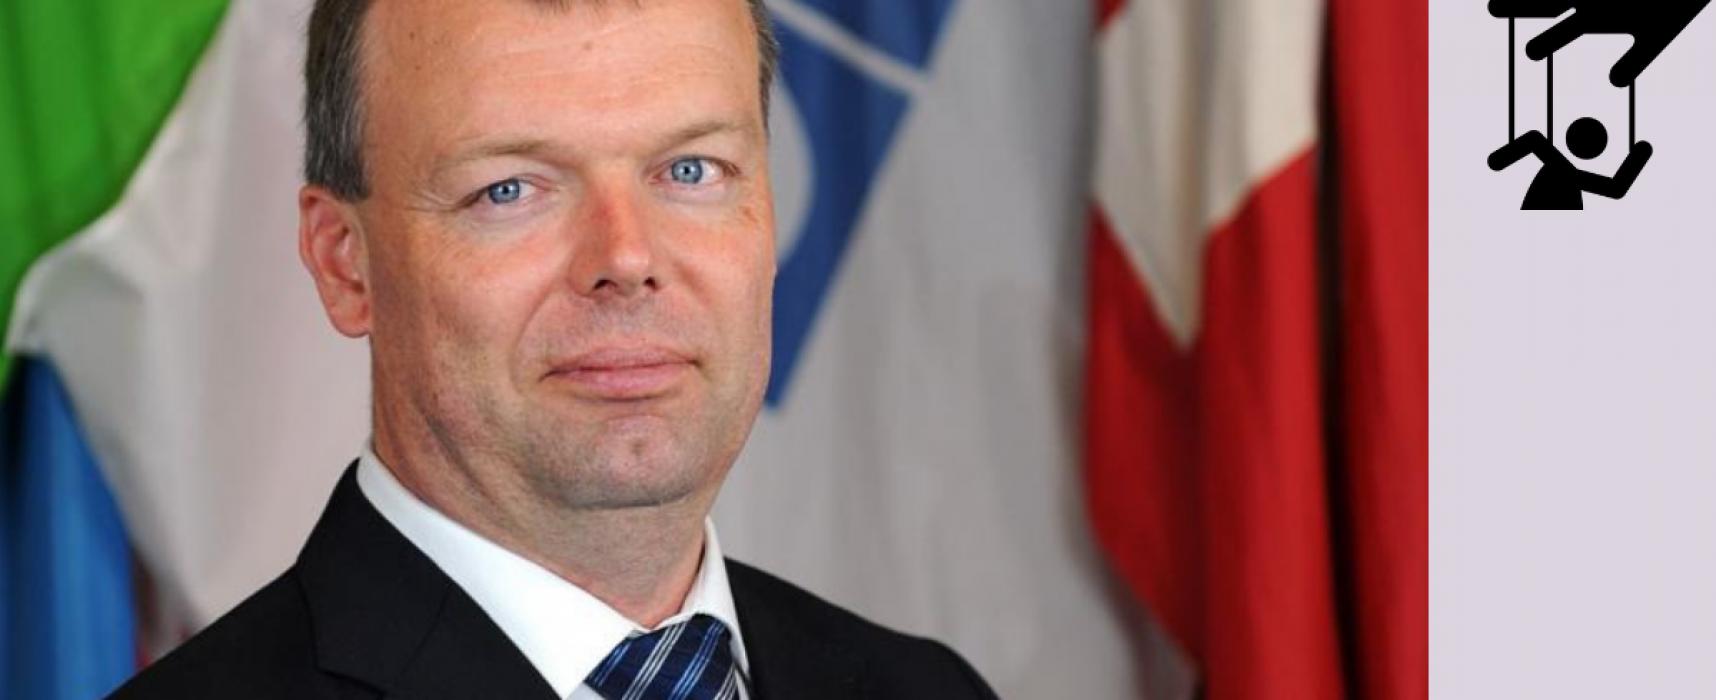 Šta je do sada tačno utvrdio OEBS vezano za konflikt na Donbasu